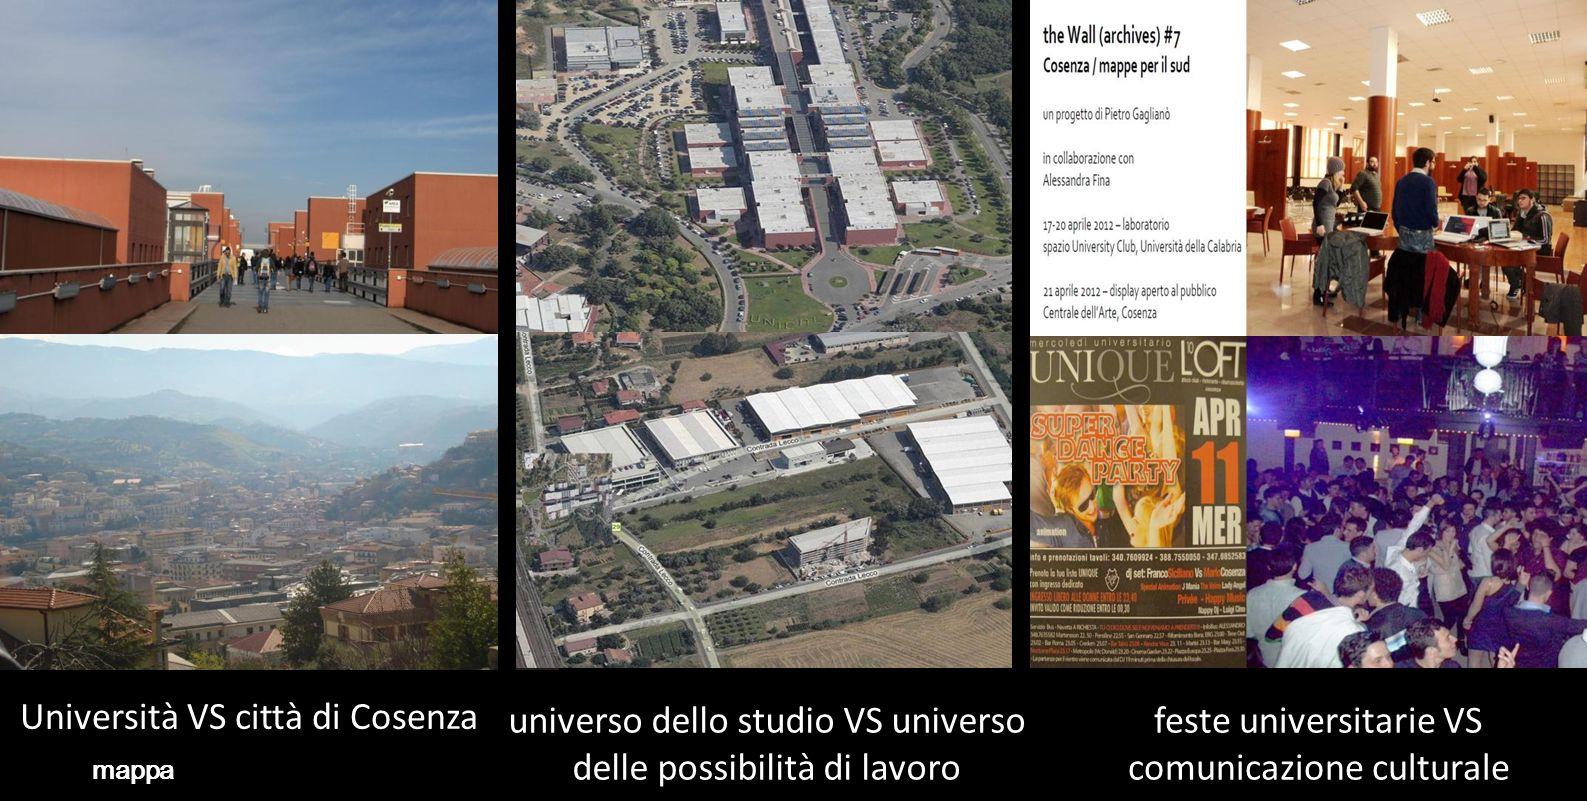 Università VS città di Cosenza